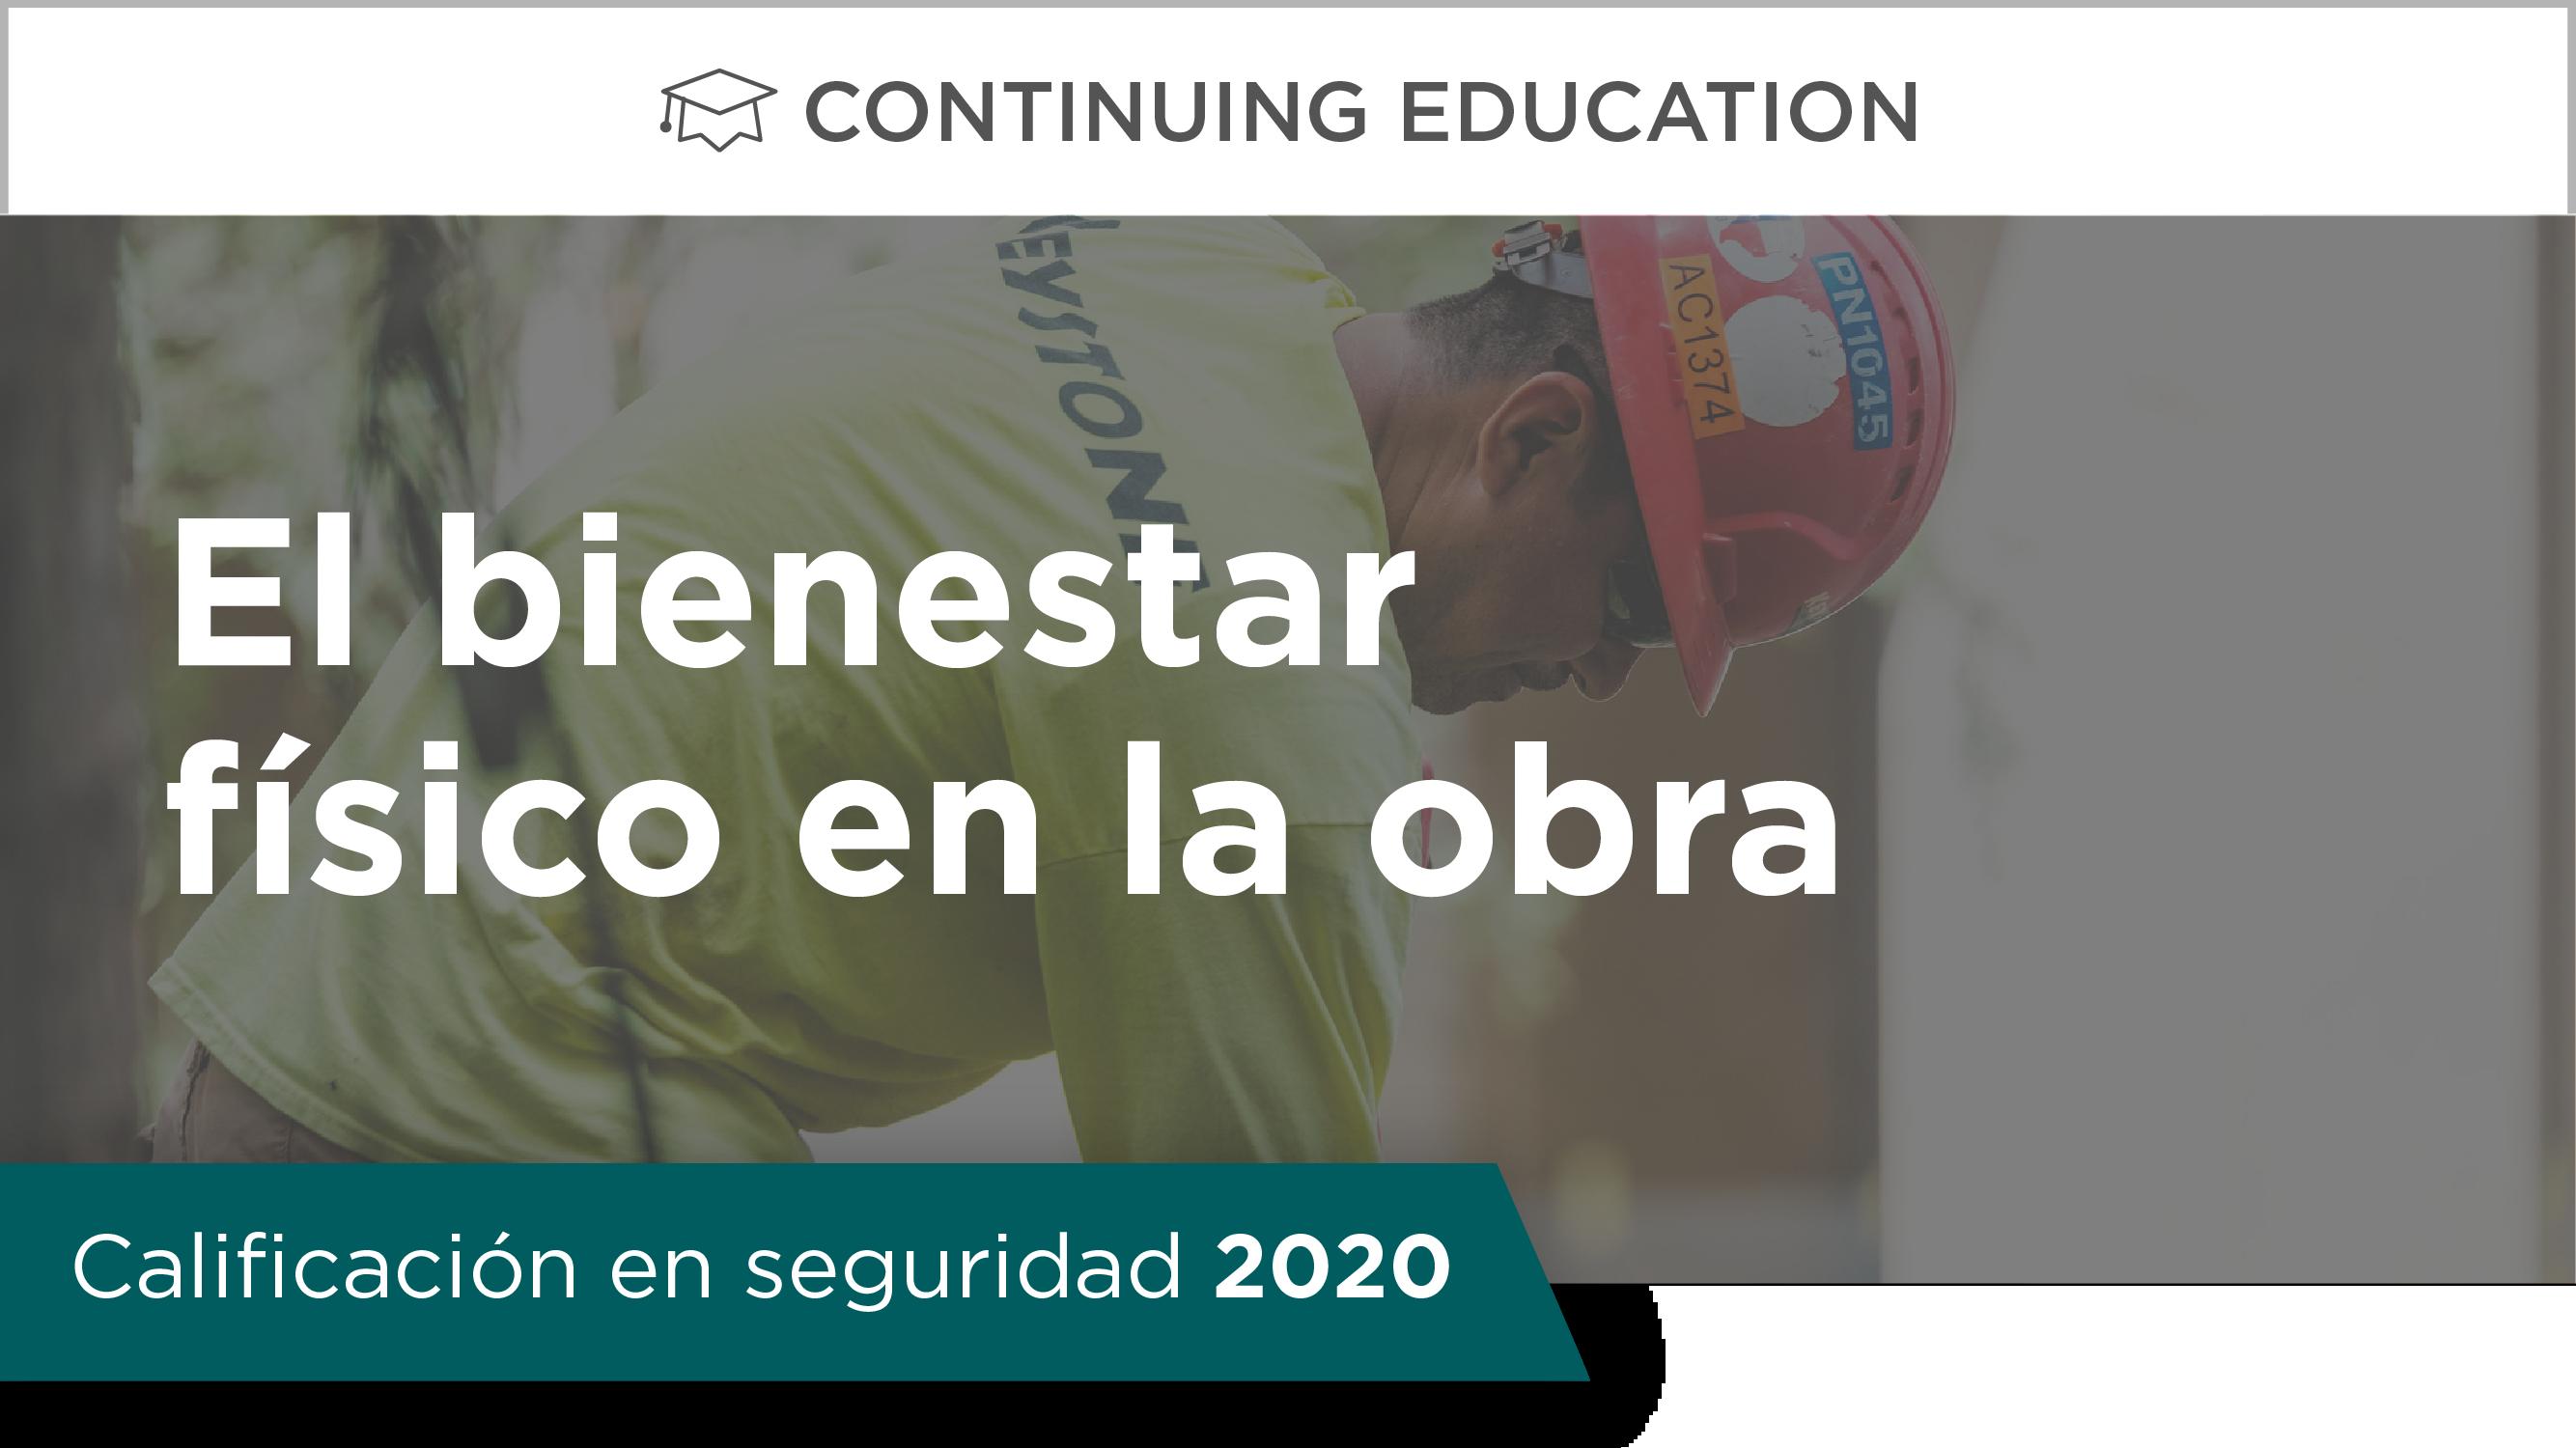 Calificación en seguridad 2020: El bienestar físico en la obra